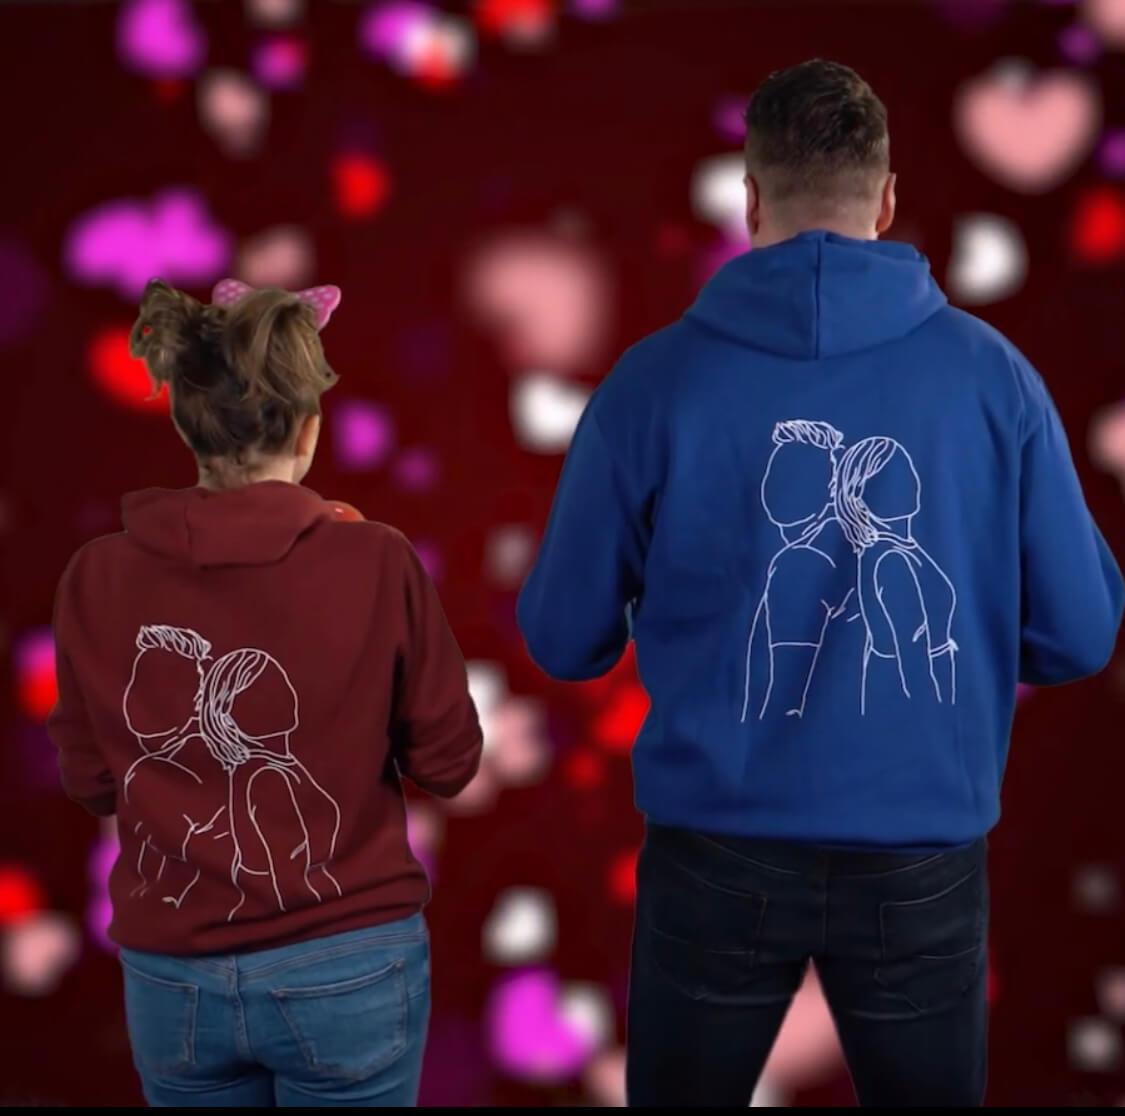 Unikatni Amie by NTN puloverji v videospotu Anje Ramšak in Roberta Roškarja.